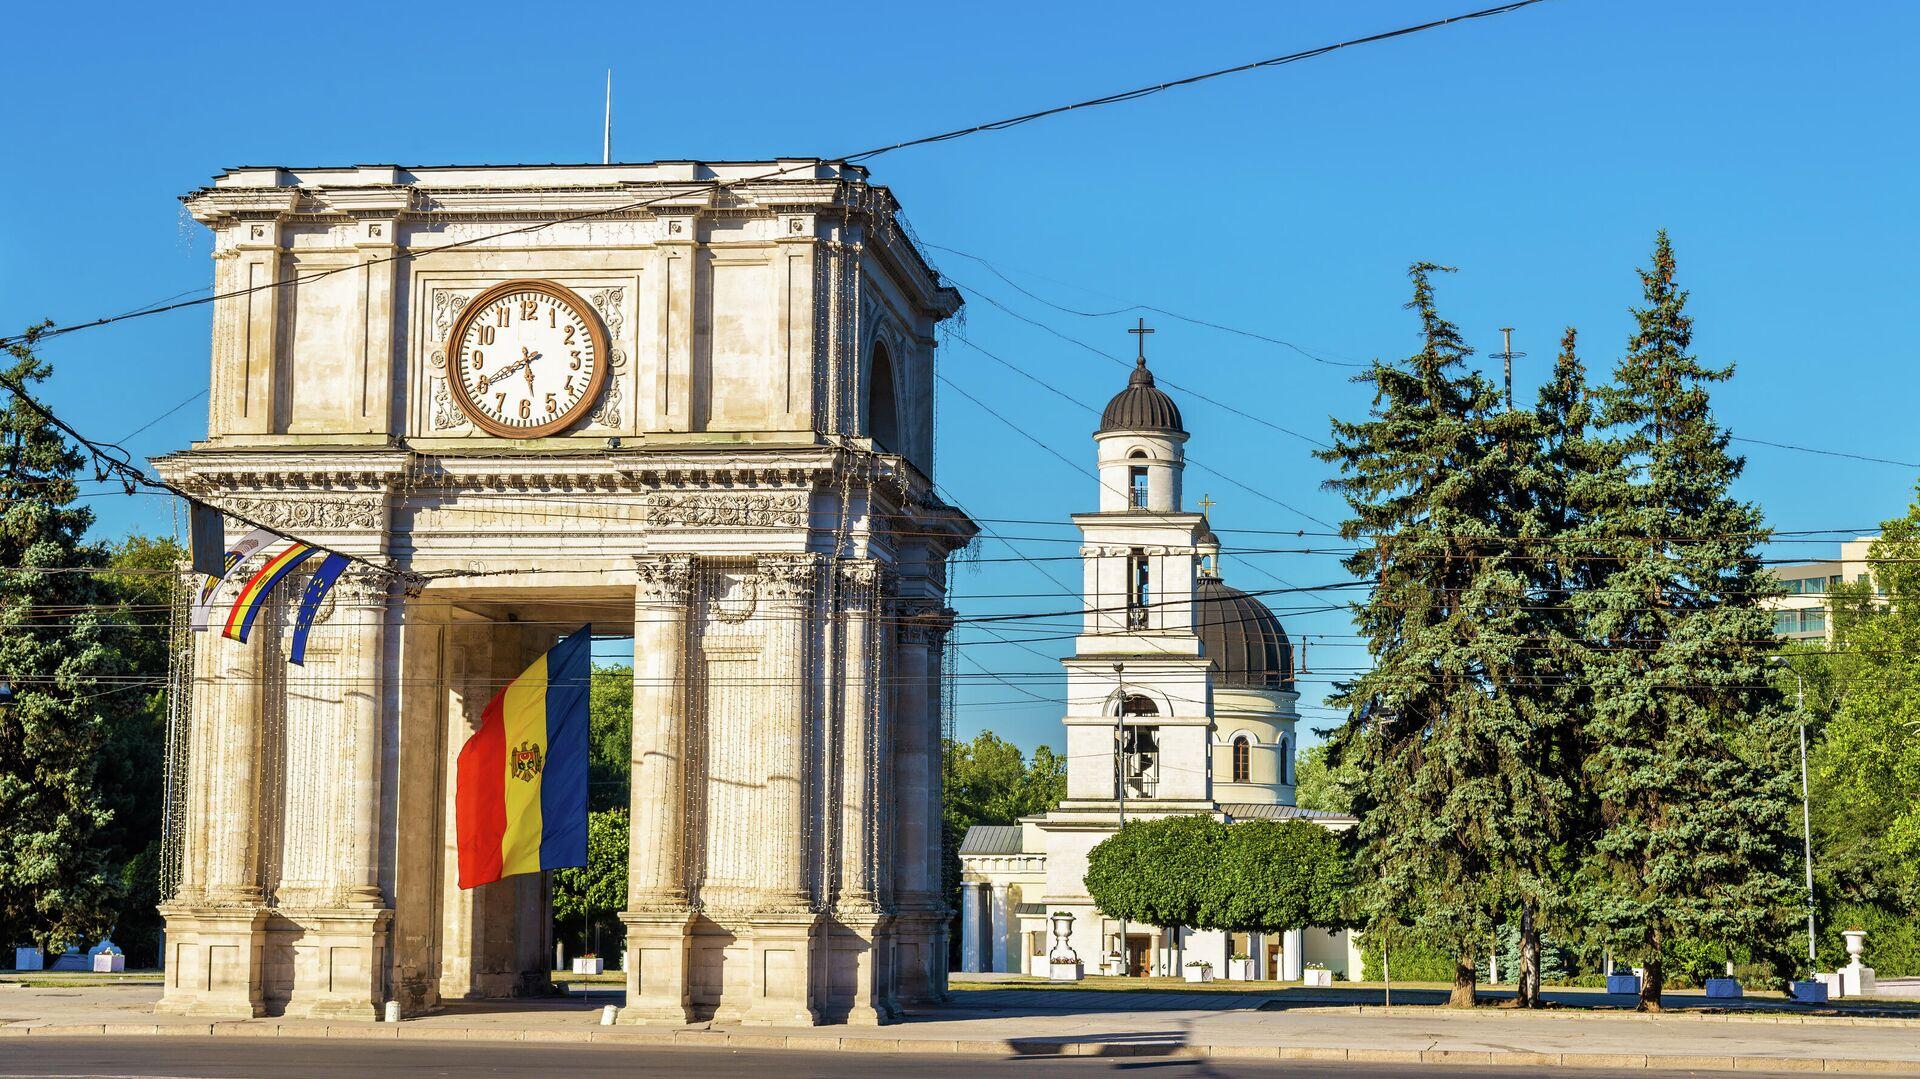 Триумфальная арка в Кишиневе - РИА Новости, 1920, 20.10.2020